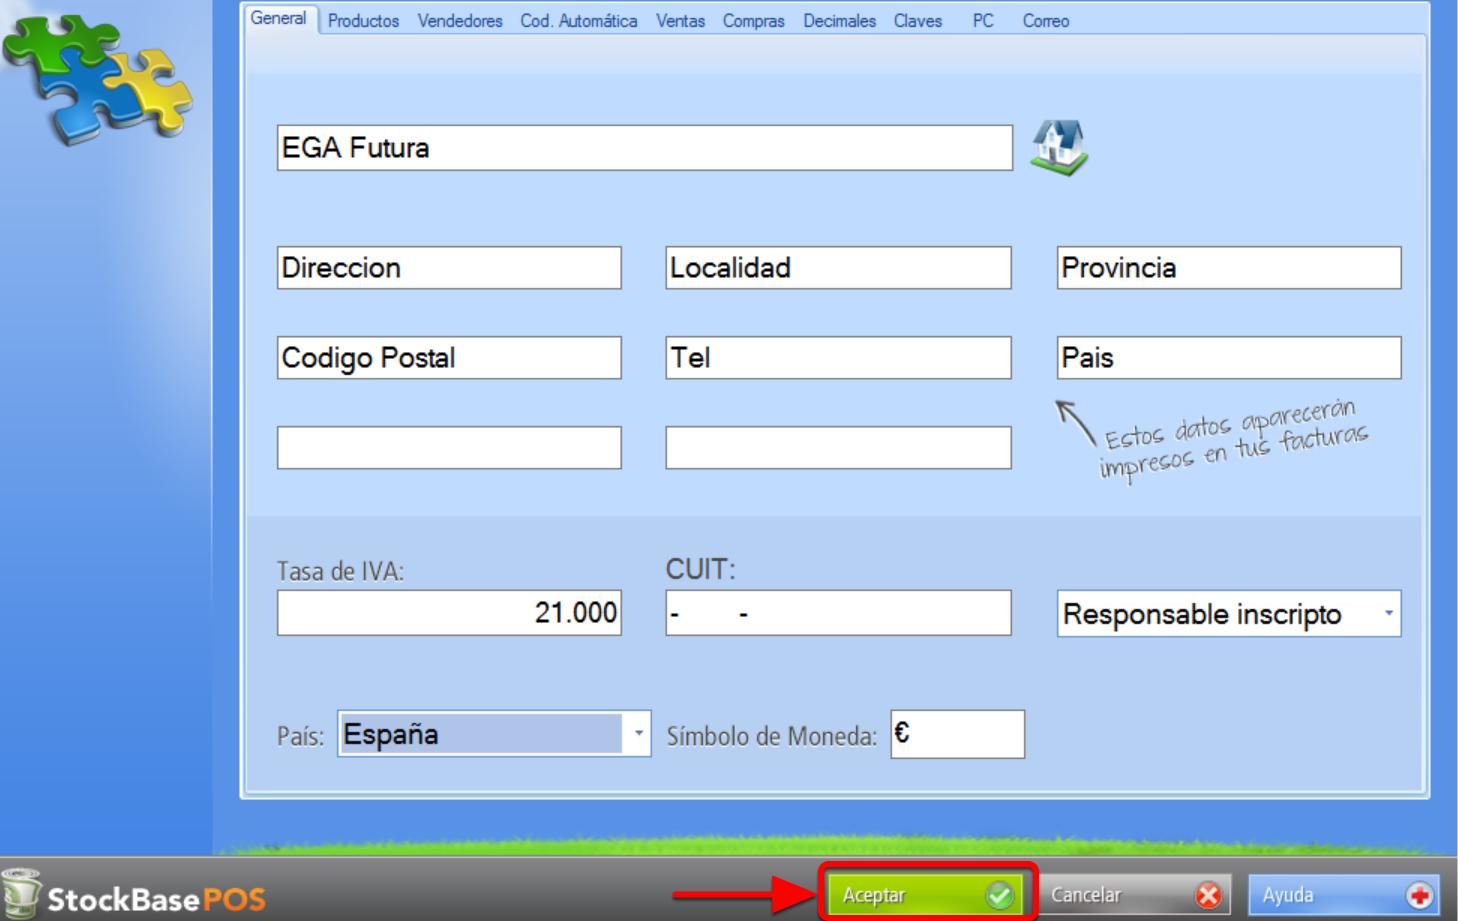 Presiona el Botón Aceptar para que los cambios se graben en la base de datos